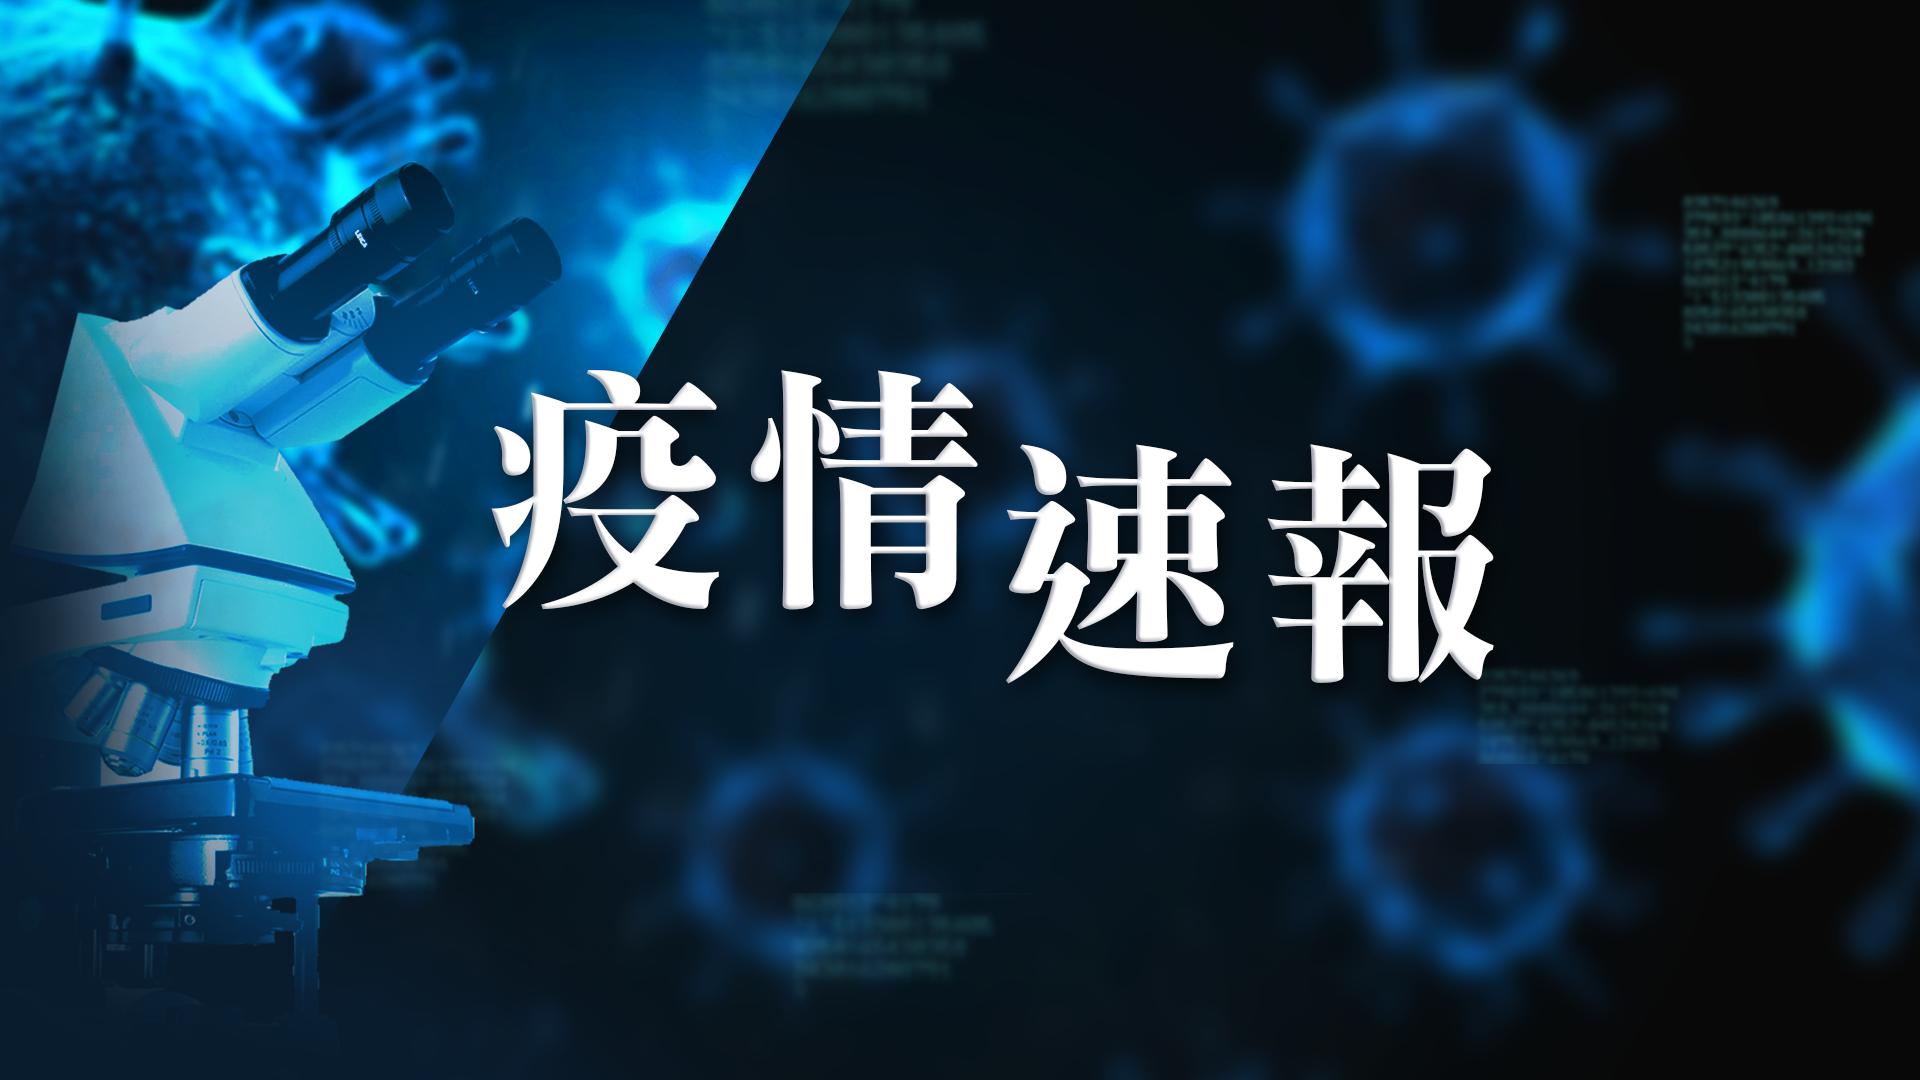 【9月21日疫情速報】(23:05)